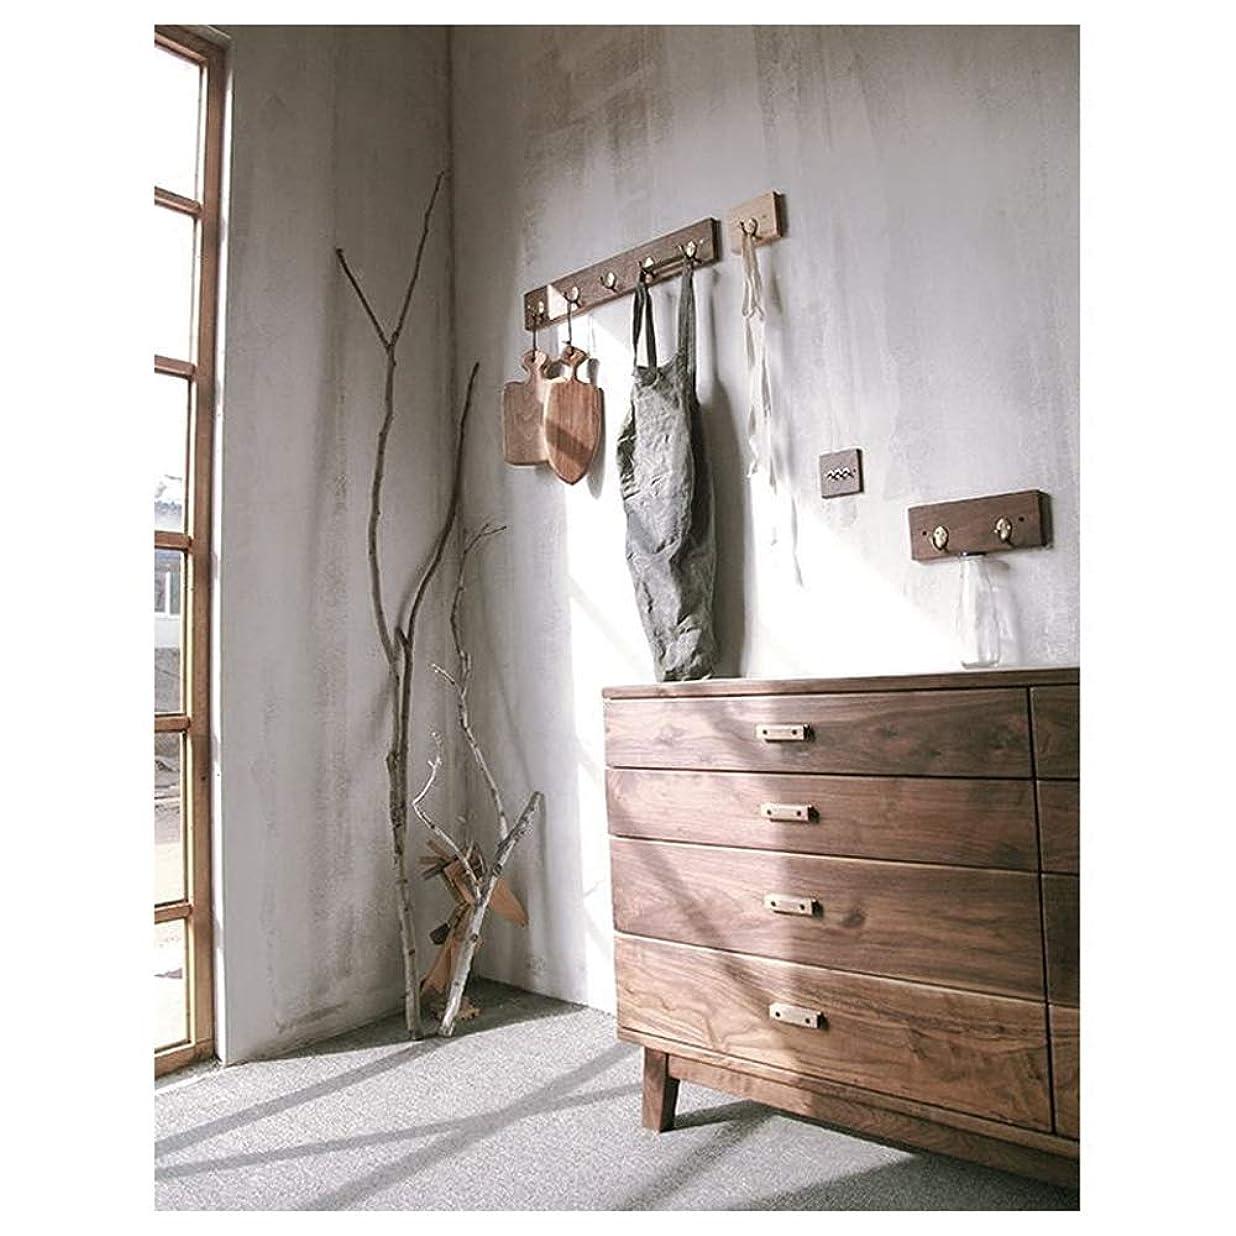 あたりまた明日ね再生可能木製コートラックスタンド、ウォールマウントコートフックハンガー-オフィスの廊下の寝室の応接室の出入り口ブラックウォールナット5フック60 * 10 cm